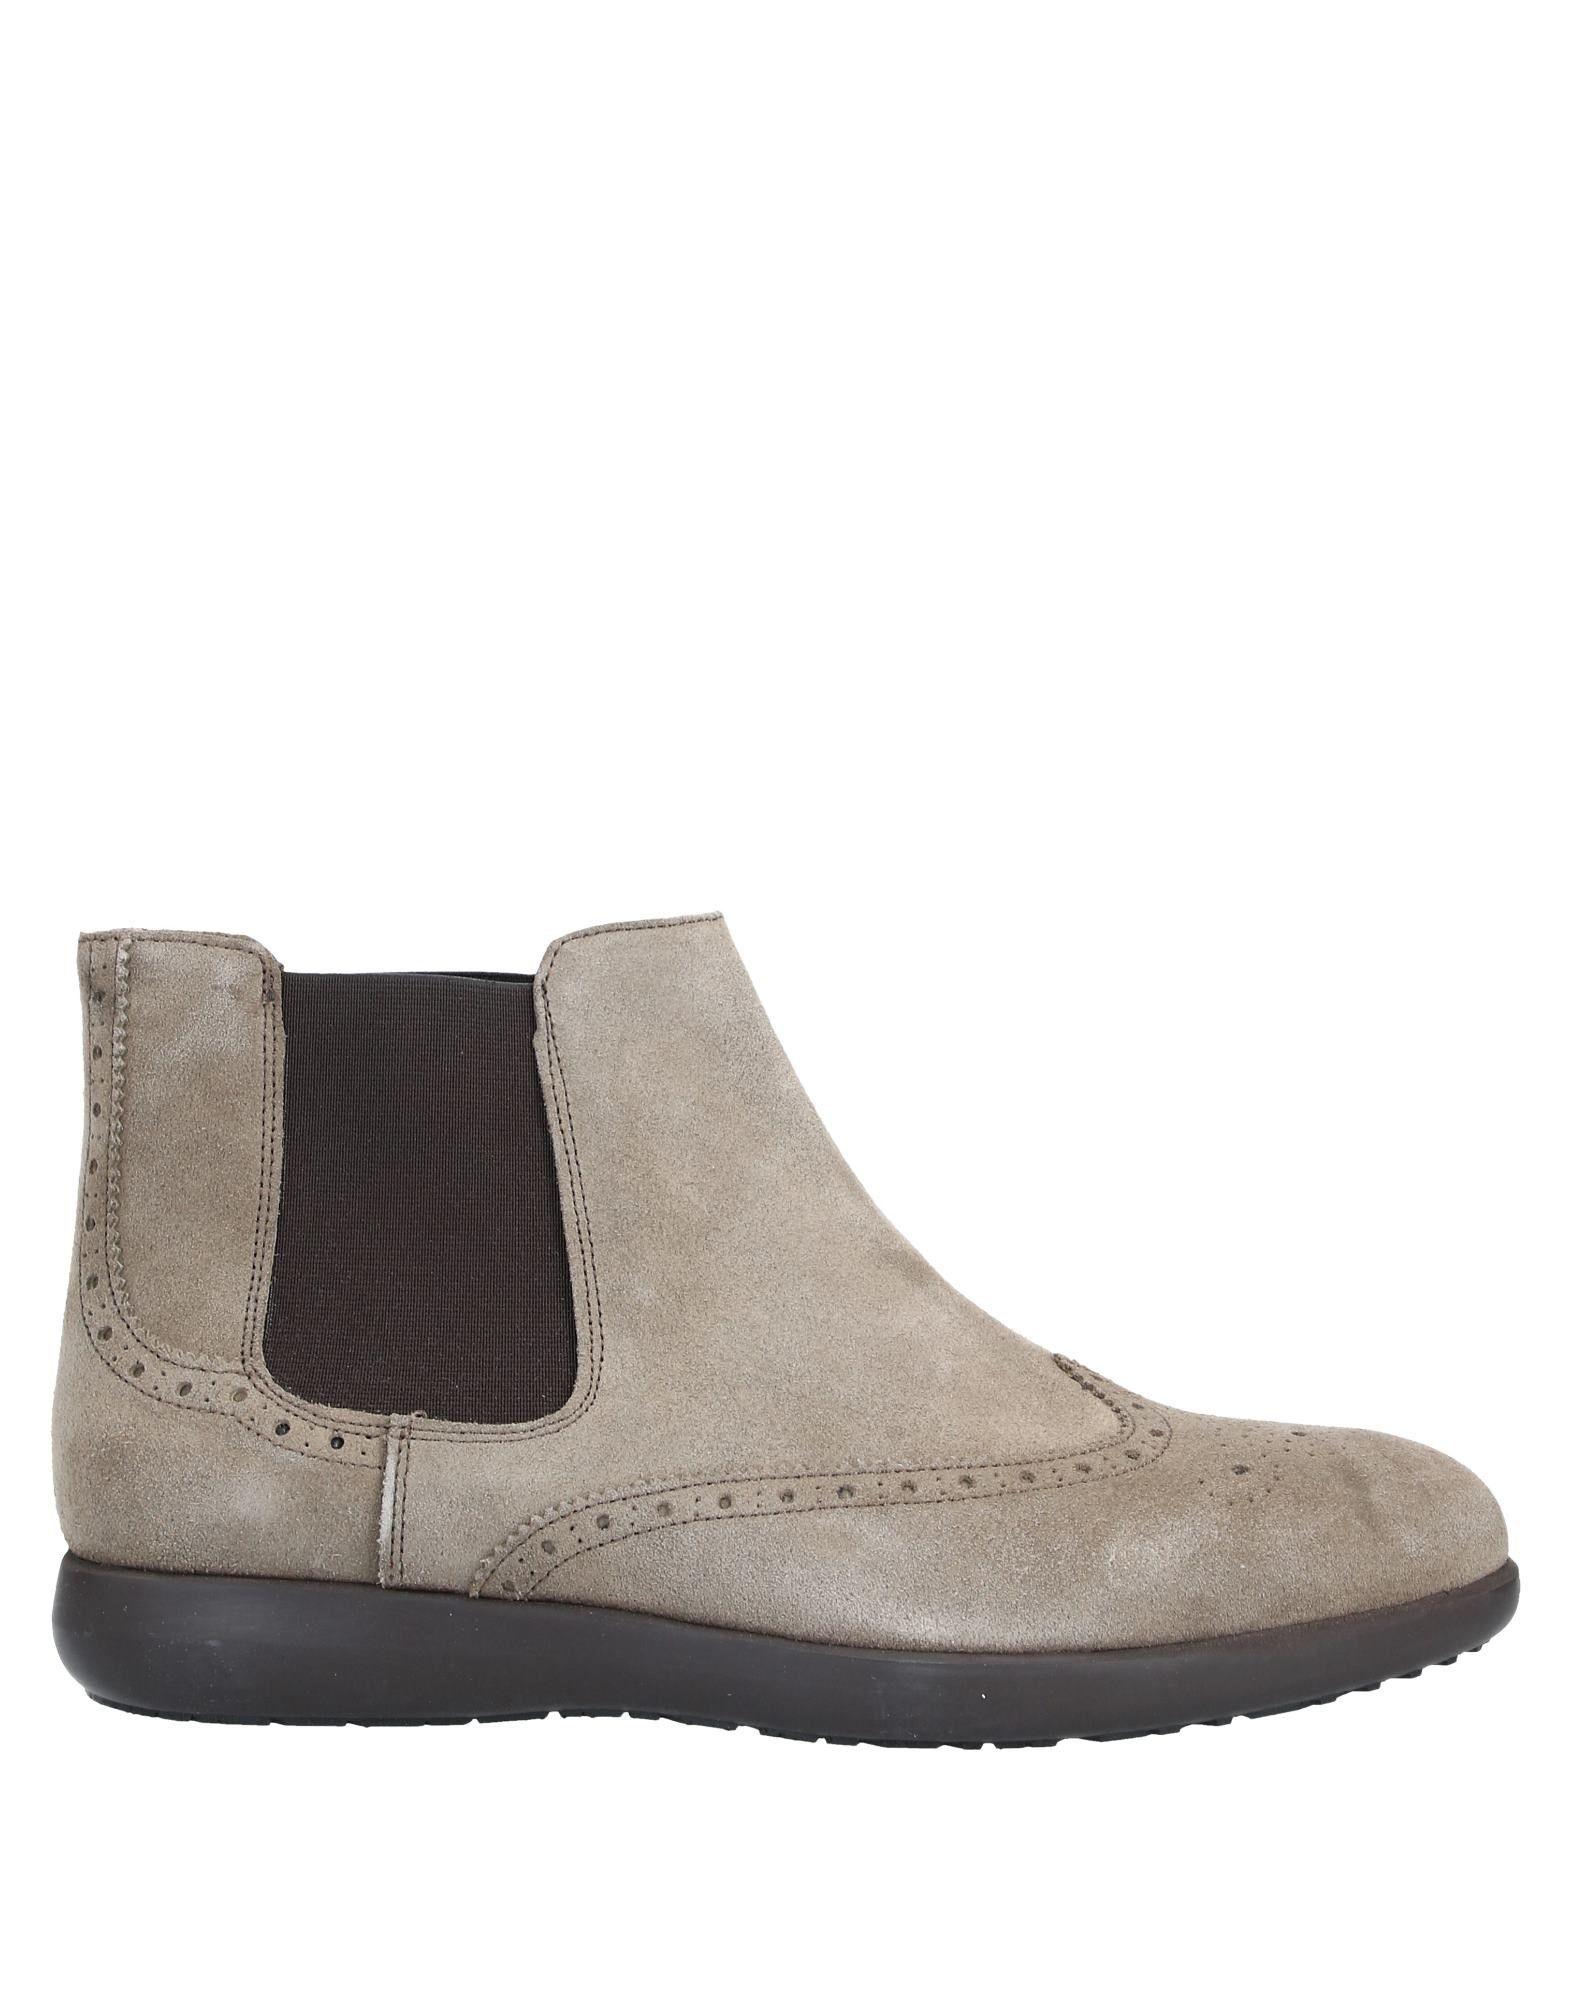 VERRI Полусапоги и высокие ботинки ботинки verri ботинки